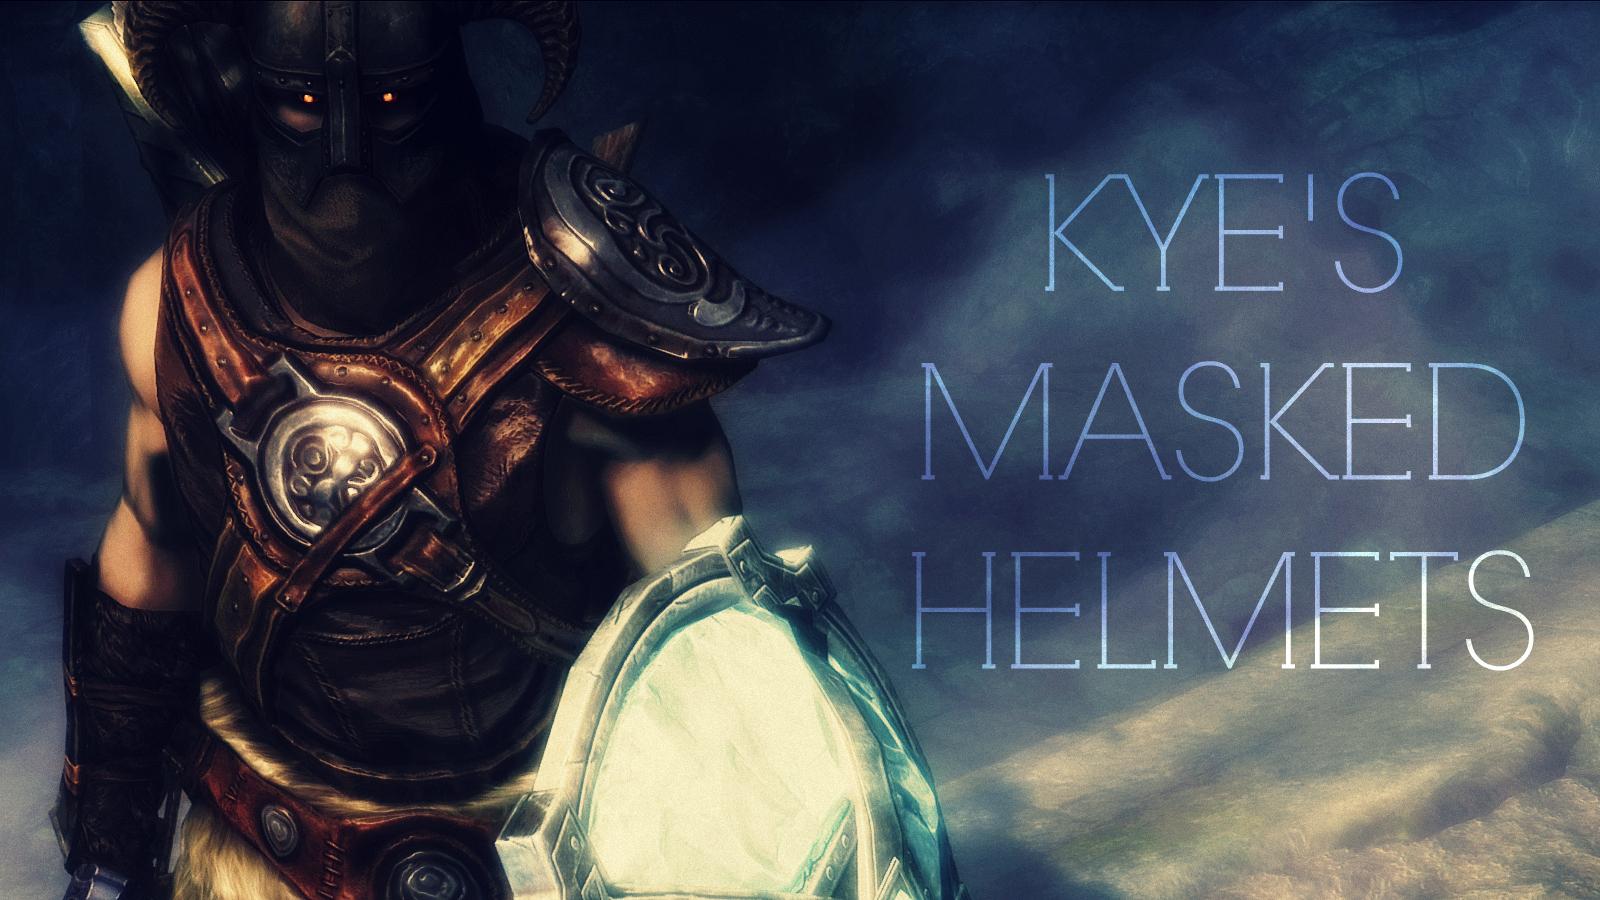 Kye's_Masked_Helmets.jpg